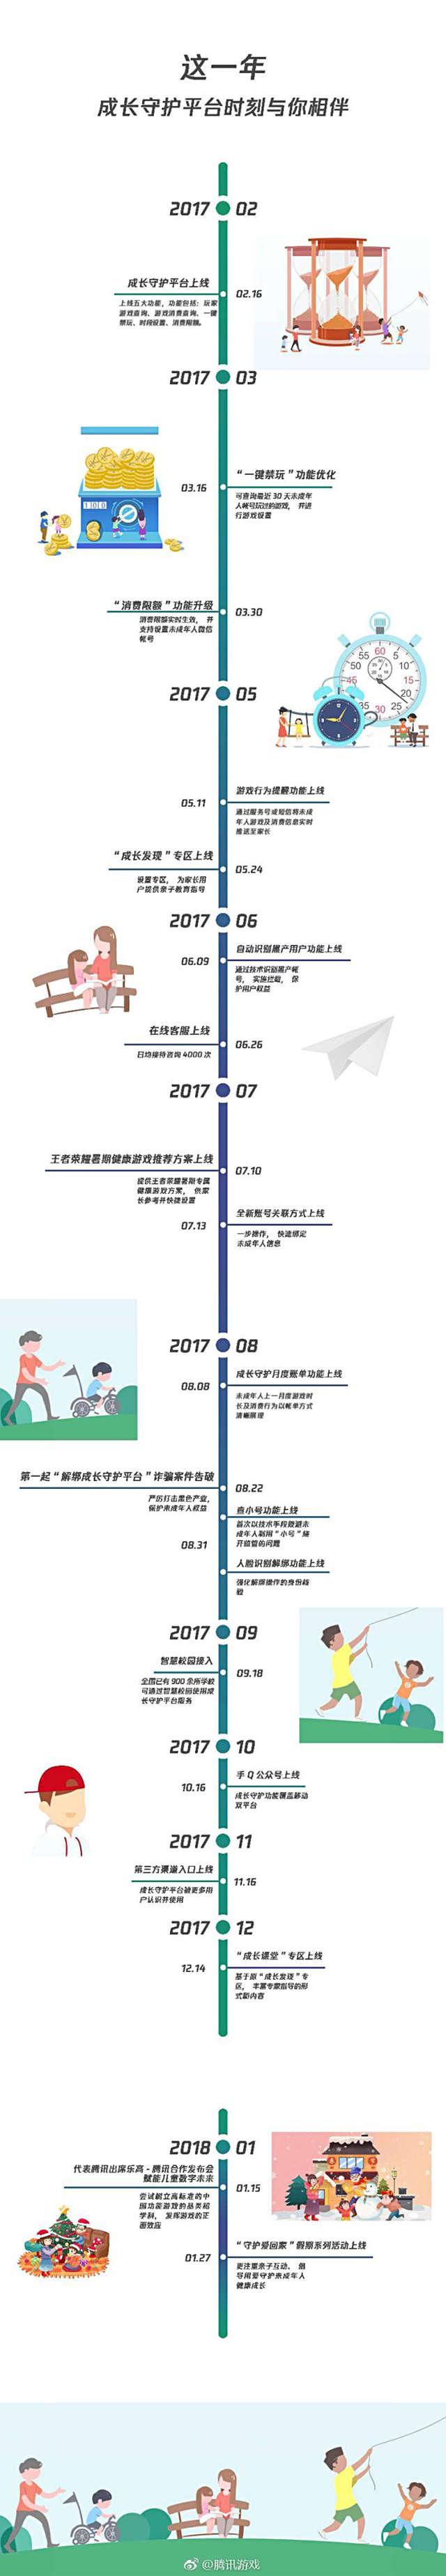 腾讯未成年人守护平台交一周年答卷2_副本.jpg